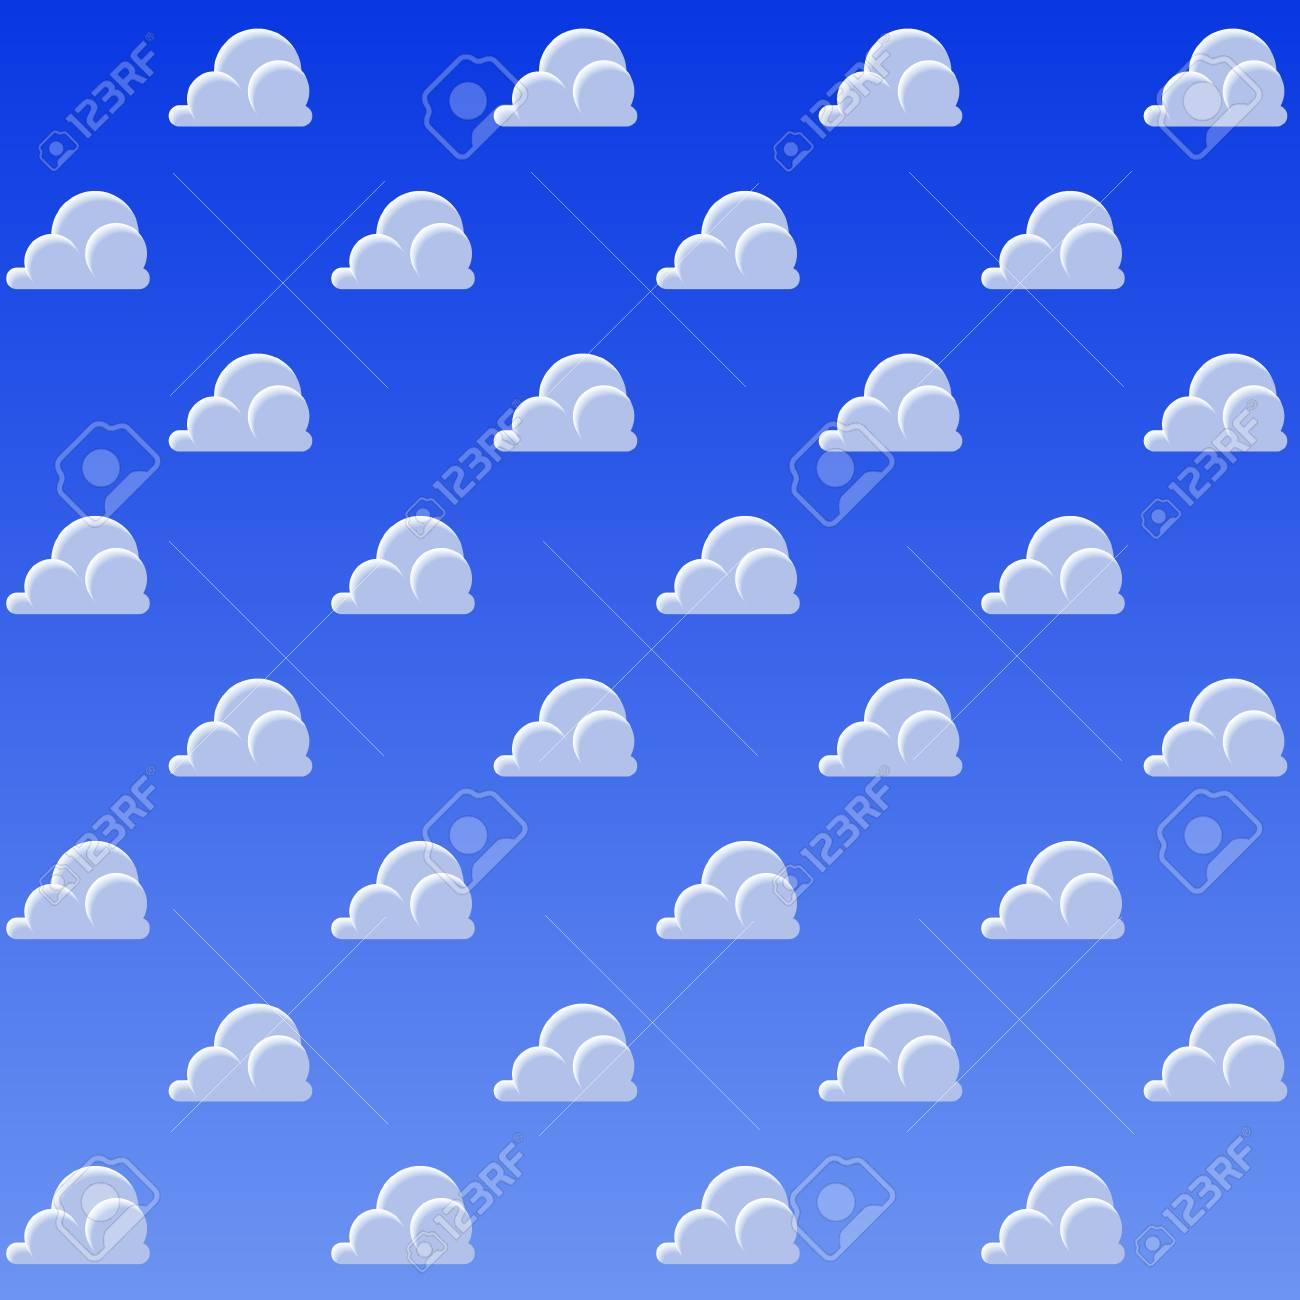 Fundo Do Teste Padrao Das Nuvens Dos Desenhos Animados Ceu Azul